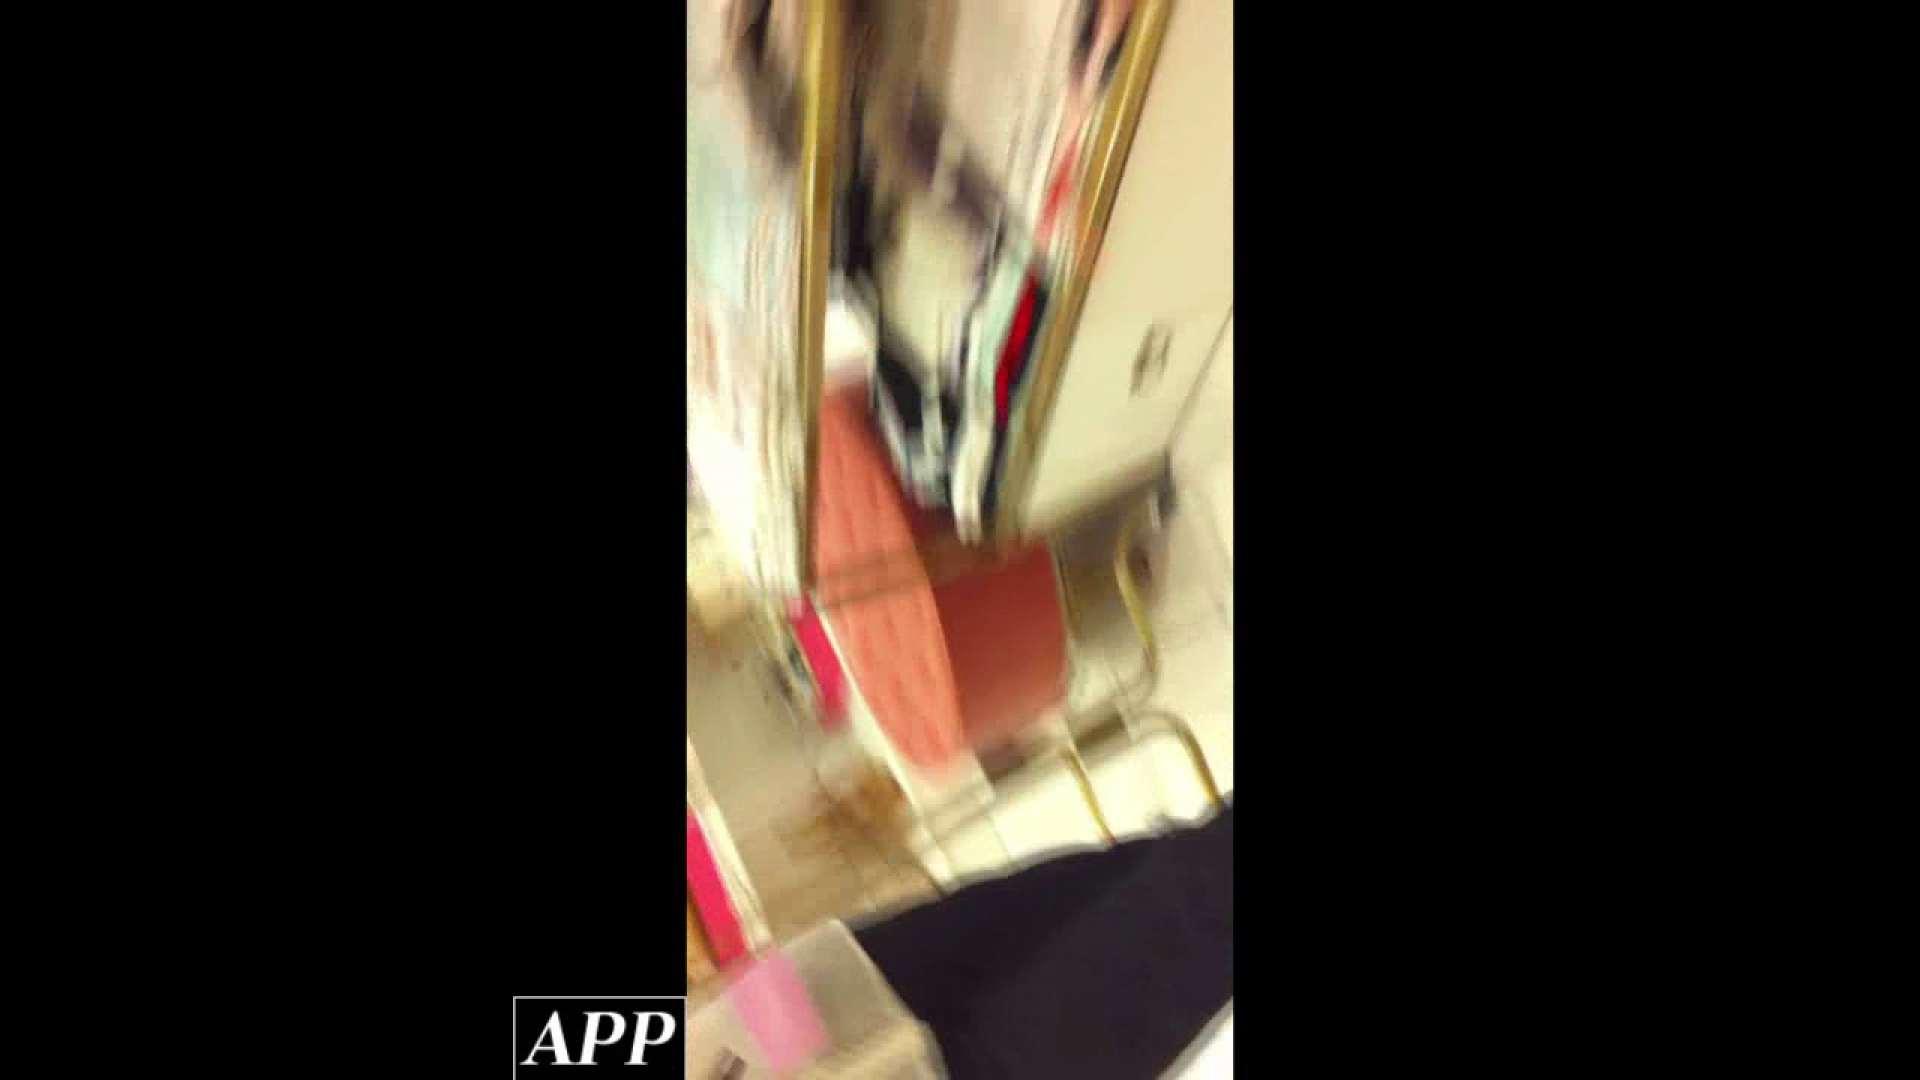 ハイビジョン盗撮!ショップ店員千人斬り!胸チラ編 vol.83 エッチな盗撮 | チラ  94pic 49